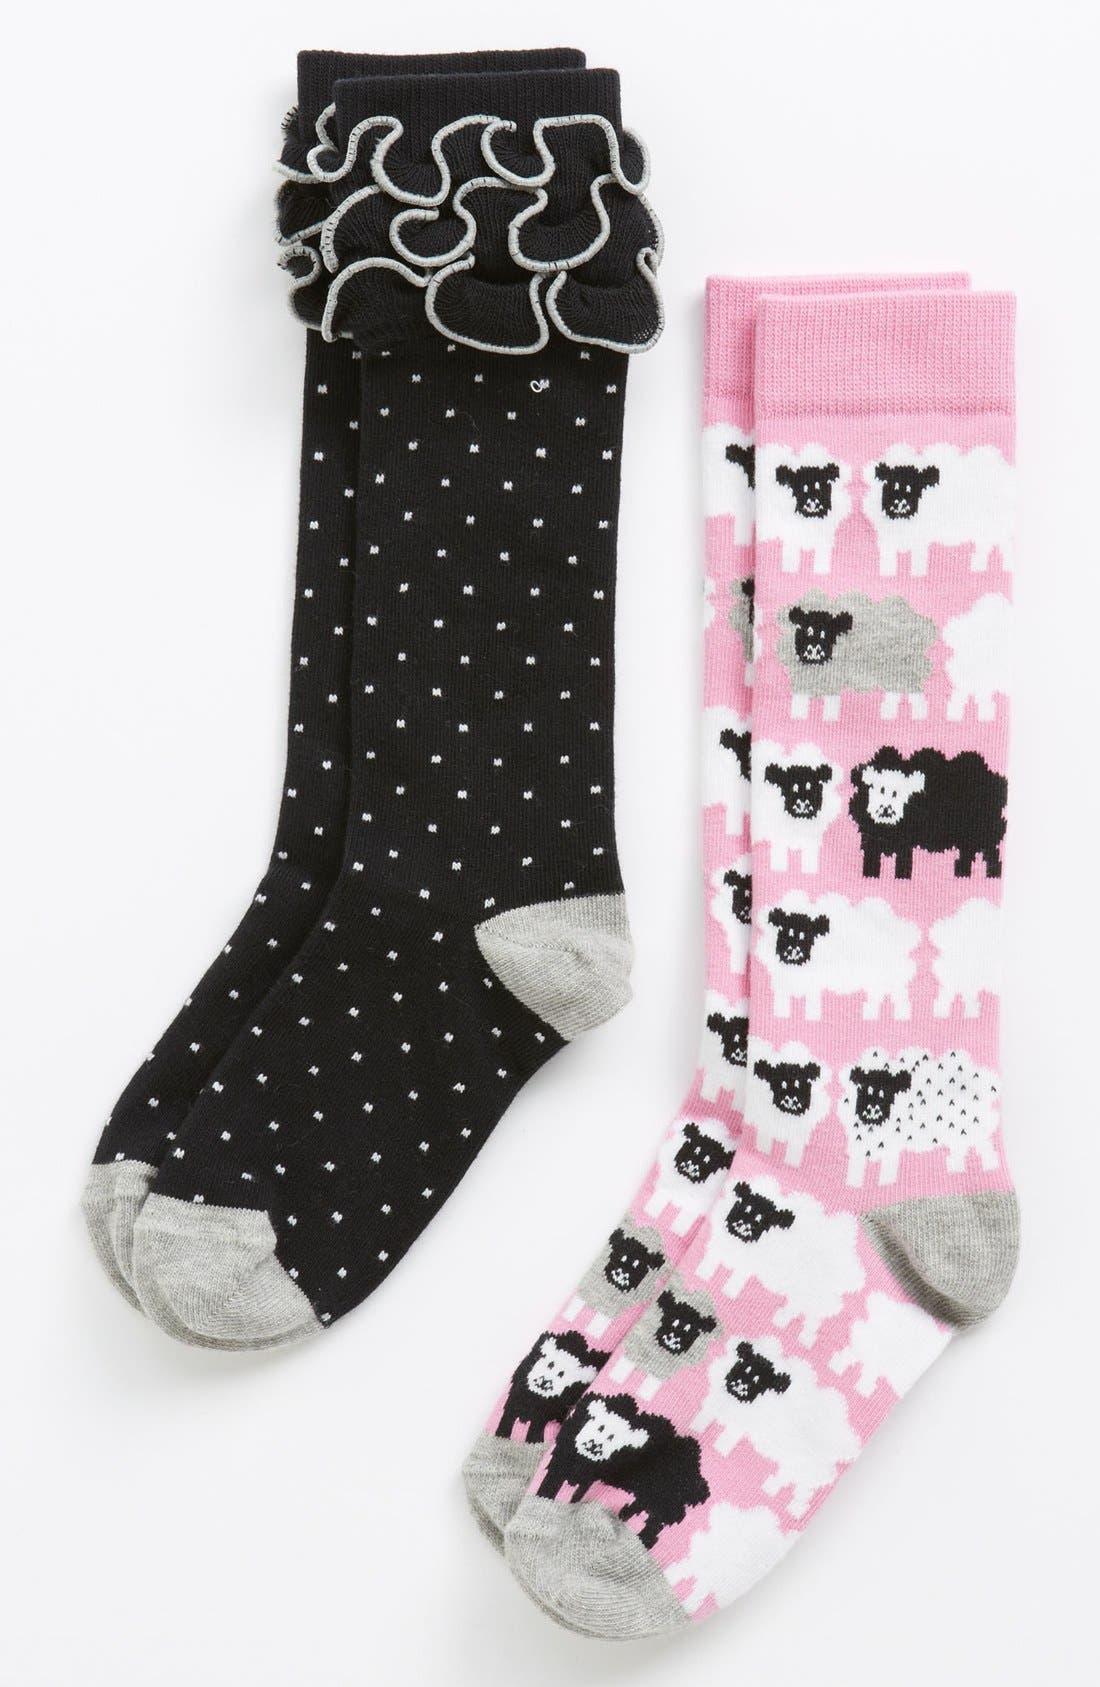 Alternate Image 1 Selected - Nordstrom 'Little Bo Sheep' Knee High Socks (2-Pack) (Toddler, Little Girls & Big Girls)